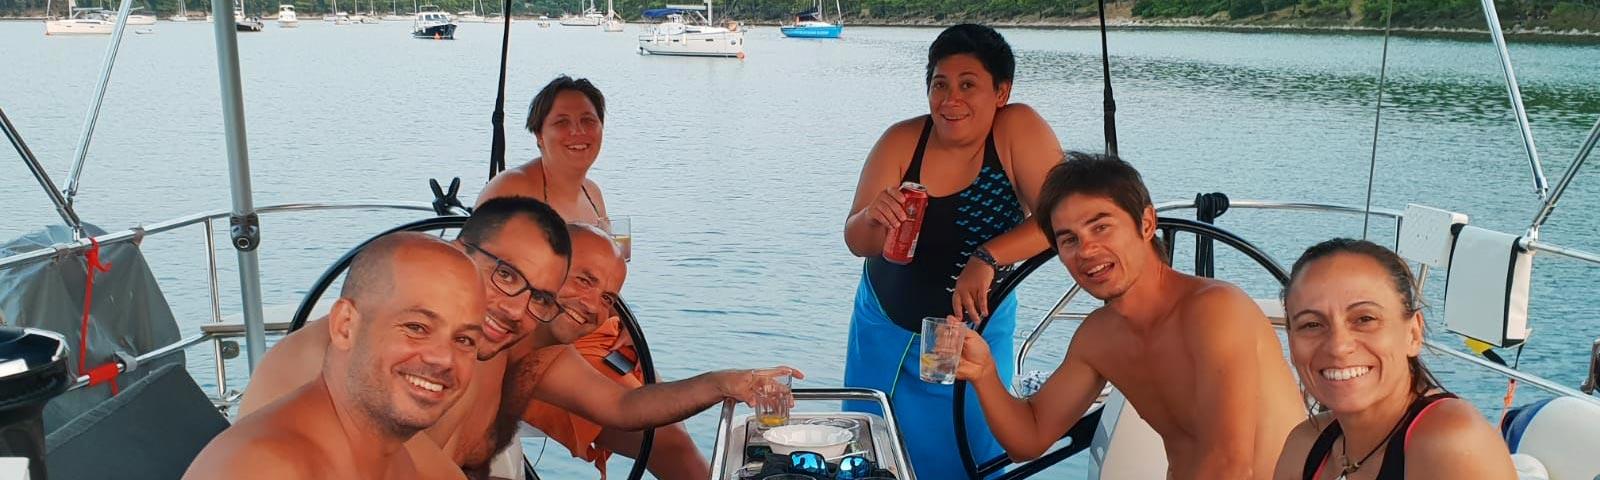 viaje-velero-familia-croacia (7)